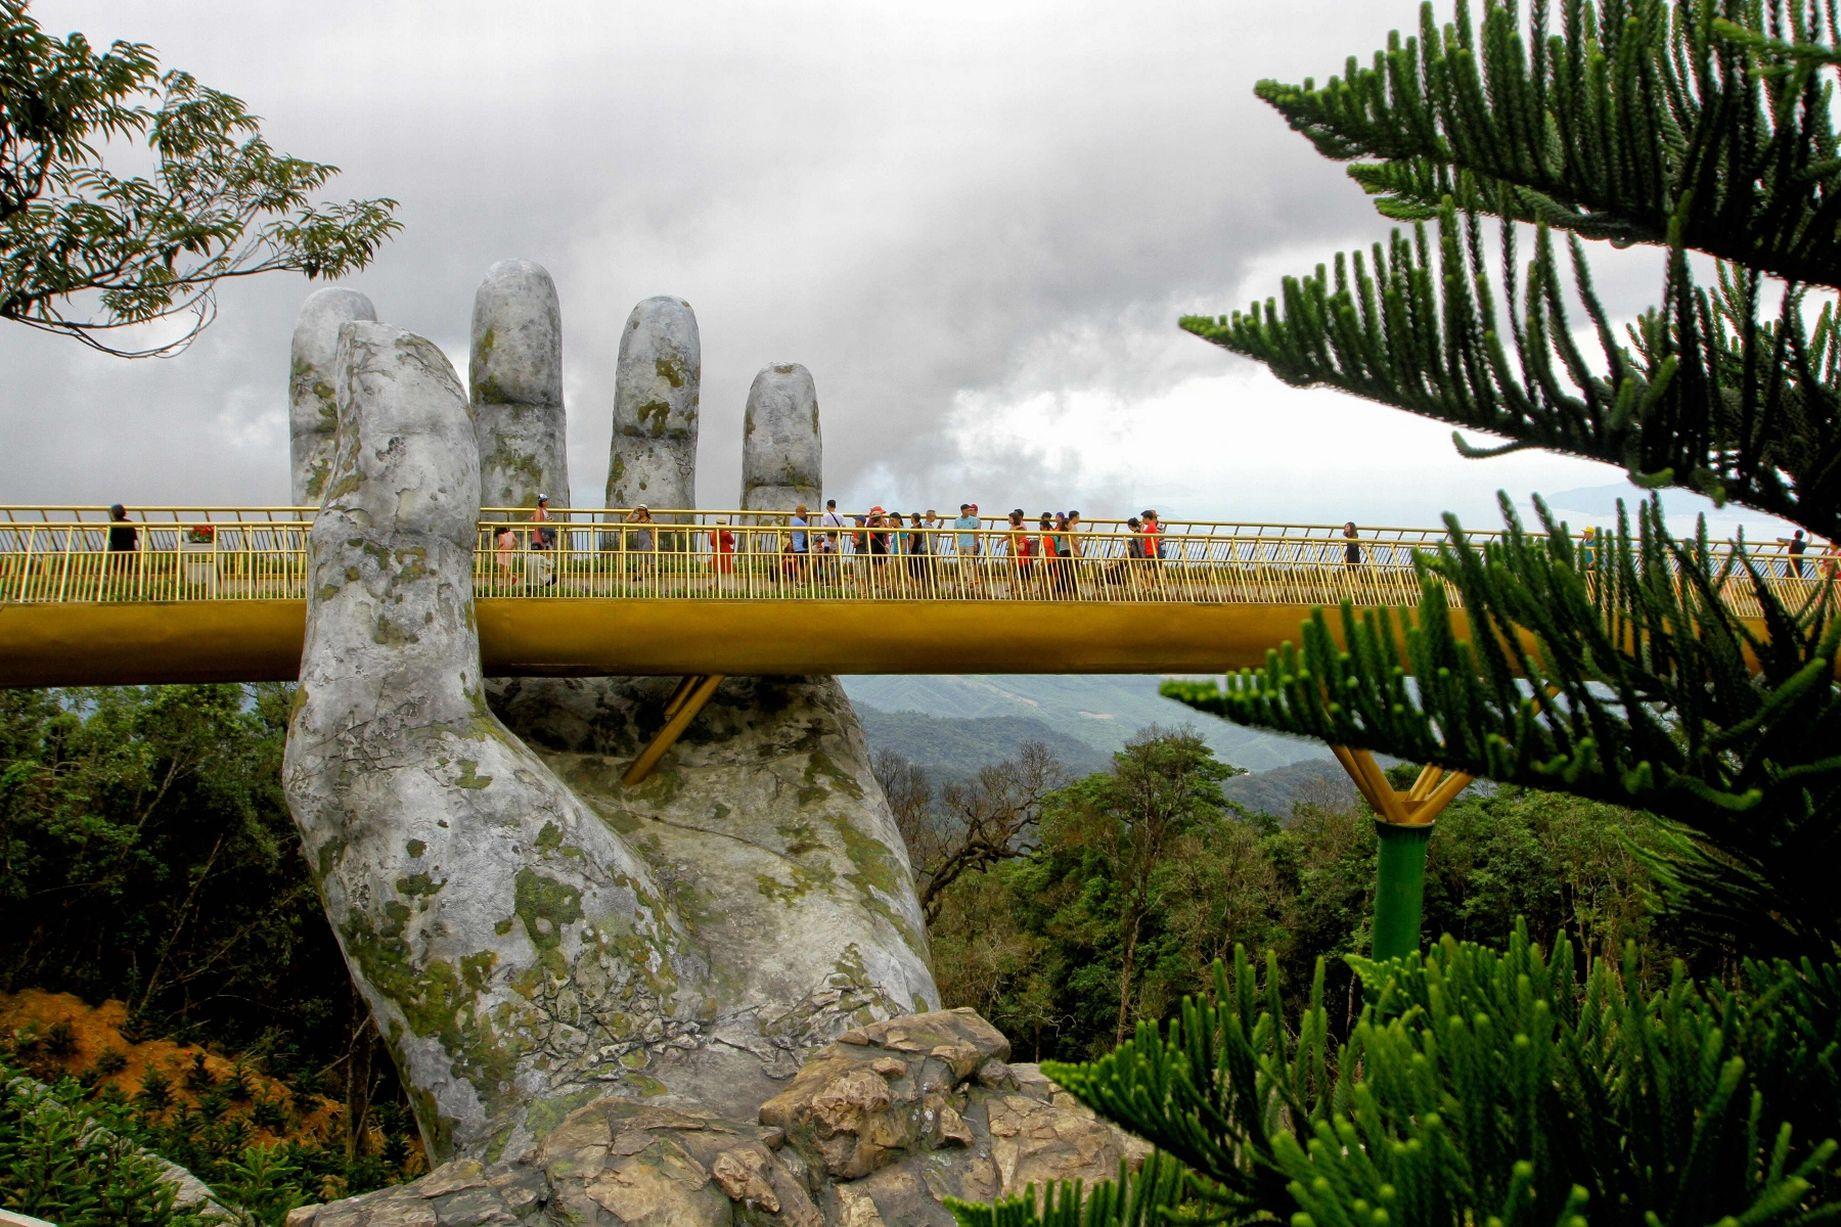 ۱۰ مجسمه غول پیکر که به جاذبه توریستی کشورها بدل شده اند